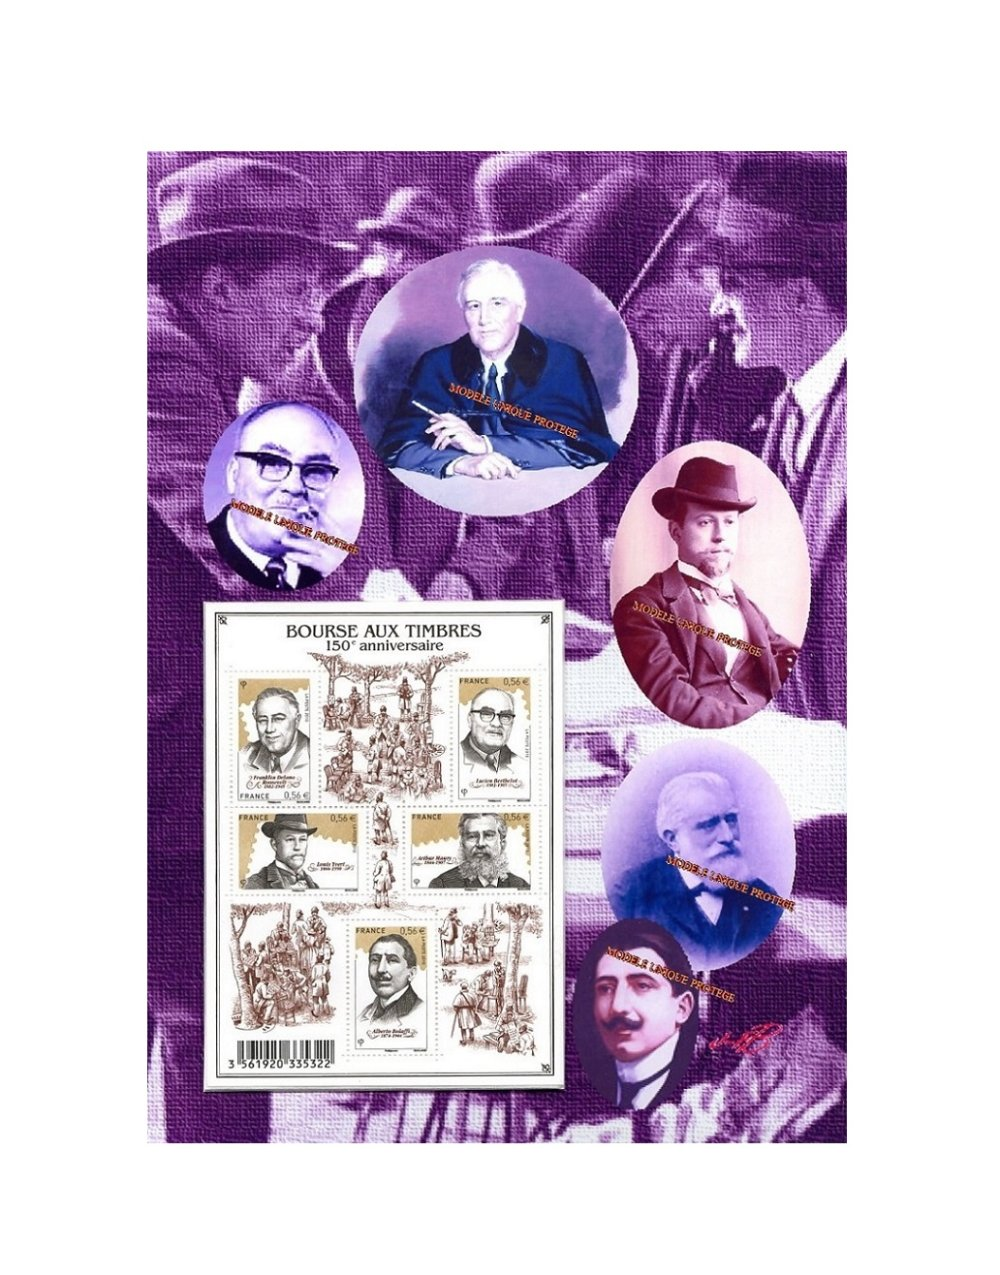 Bourse aux Timbres, philatélie, Franklin Delano Roosevelt, histoire dans un Montage photo unique créé par JFB.